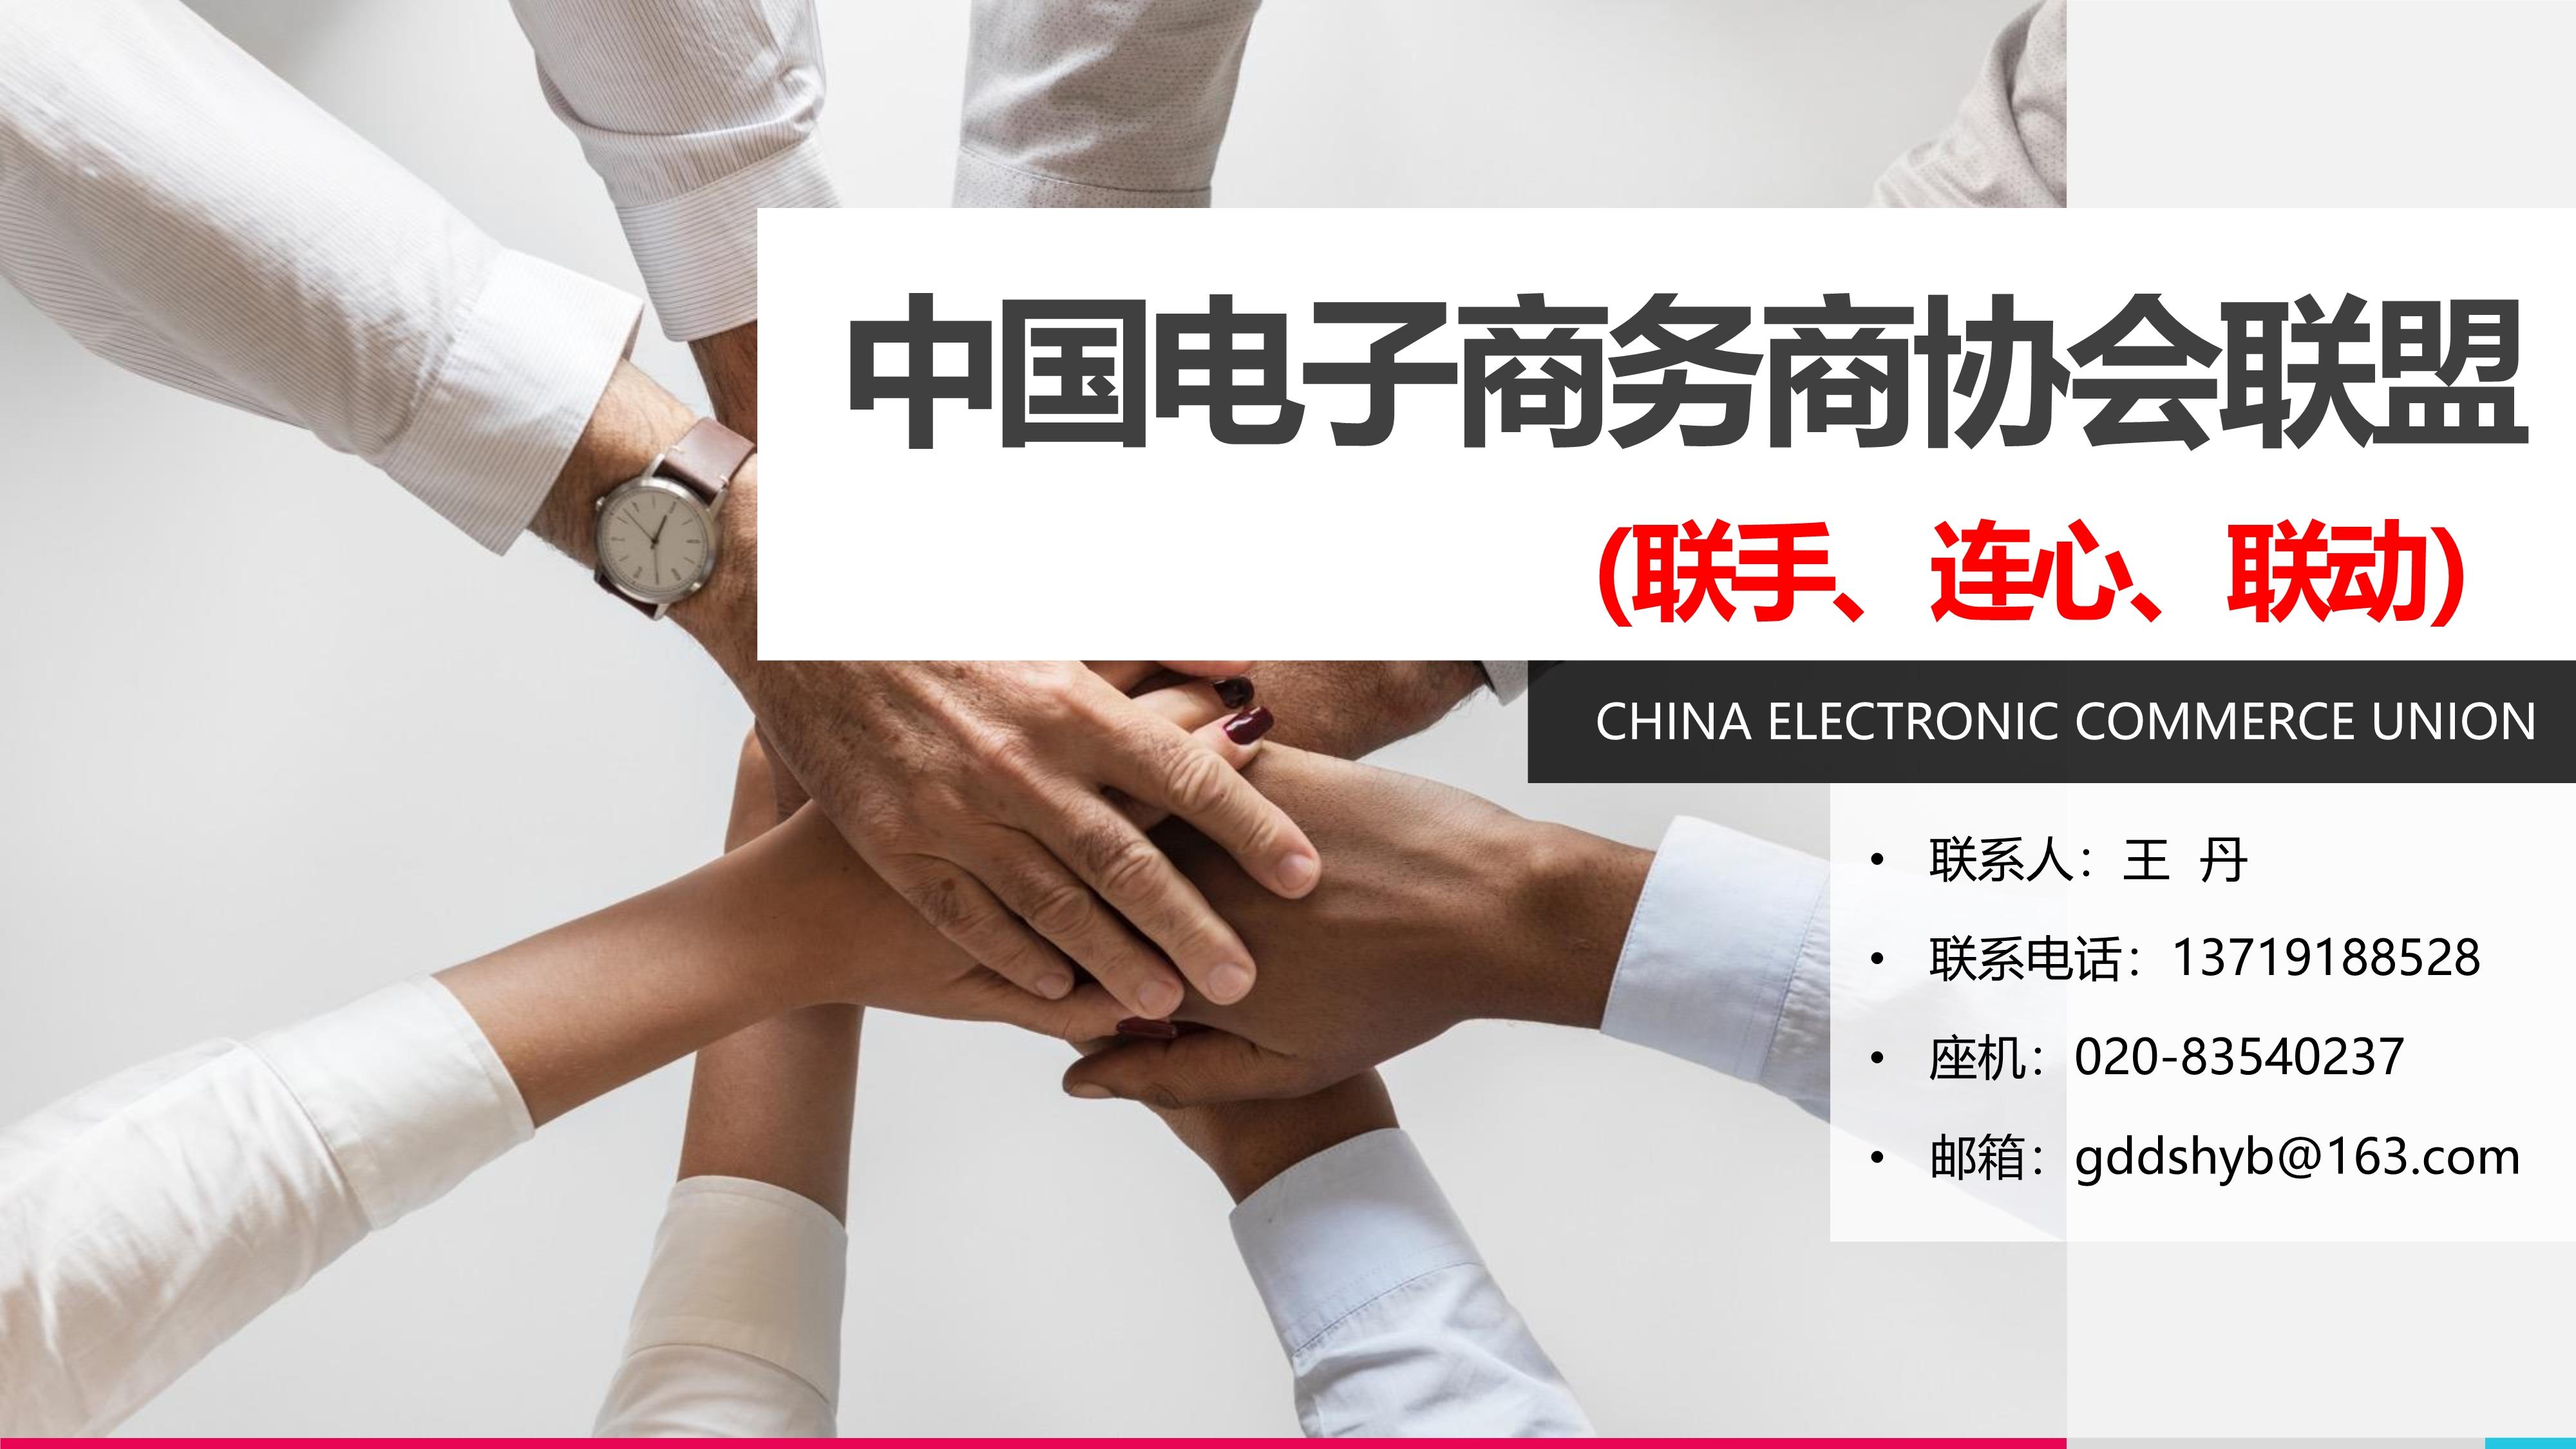 1中国电子商务商协会联盟0220